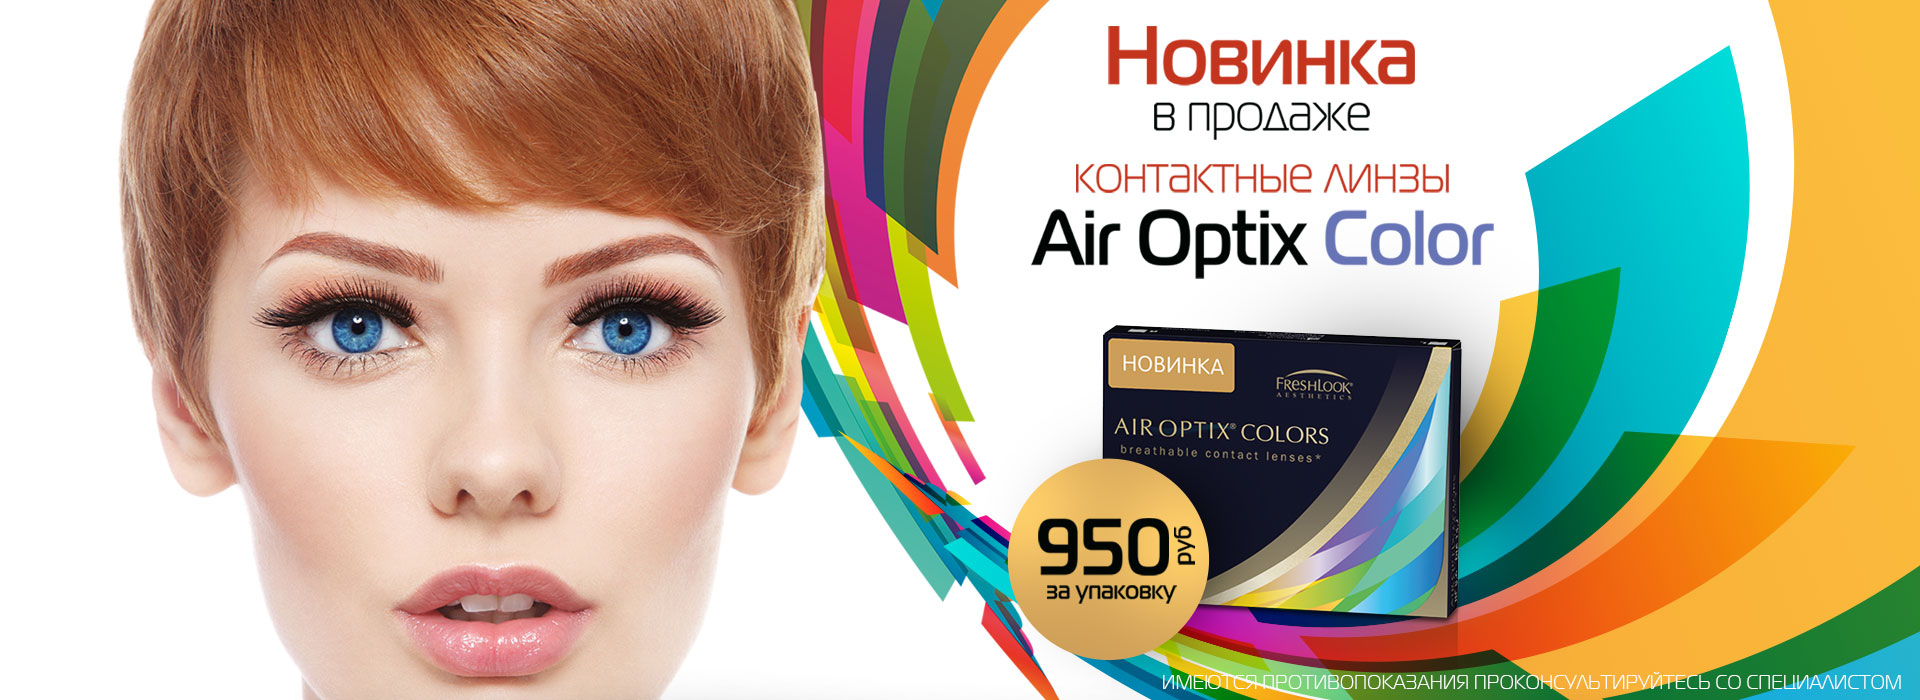 Любители экспериментов не останутся равнодушными – сегодня можно приобрести цветные линзы Air Optix Colors, которые позволят сменить цвет глаз и обеспечат комфортное ношение с 1 - го по 30 - ый день.